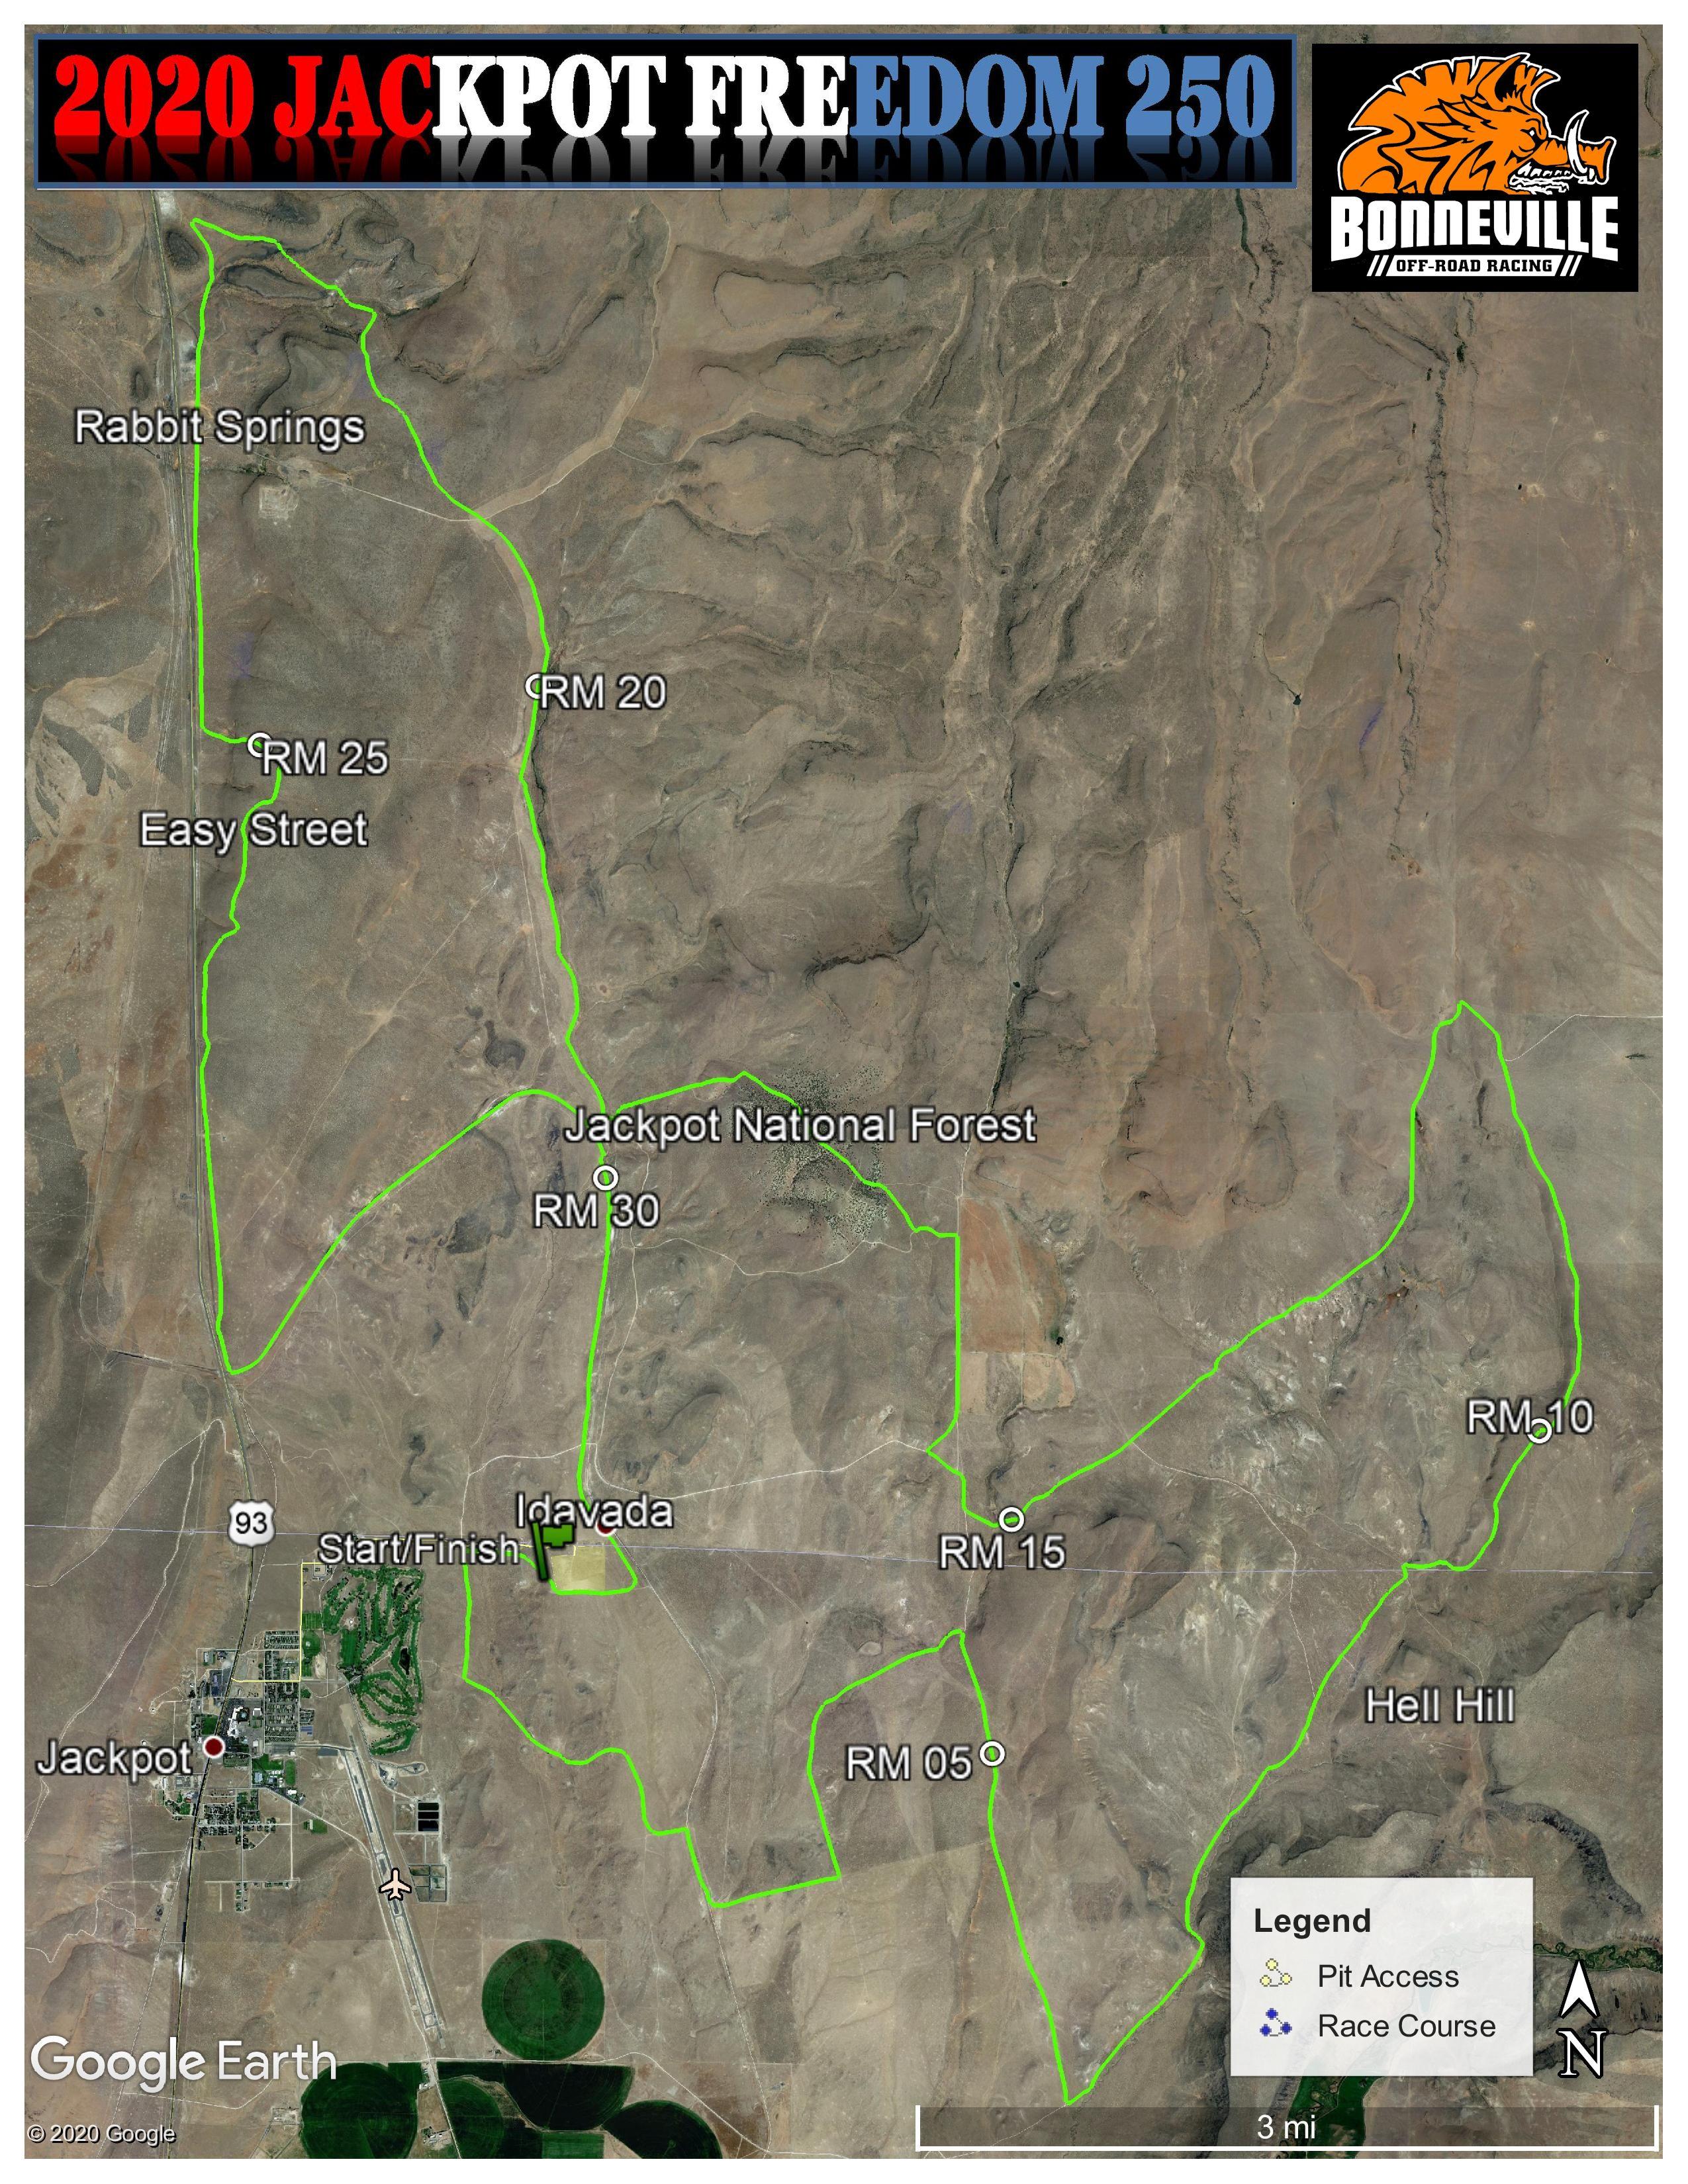 2020 Jackpot Race Map.jpg